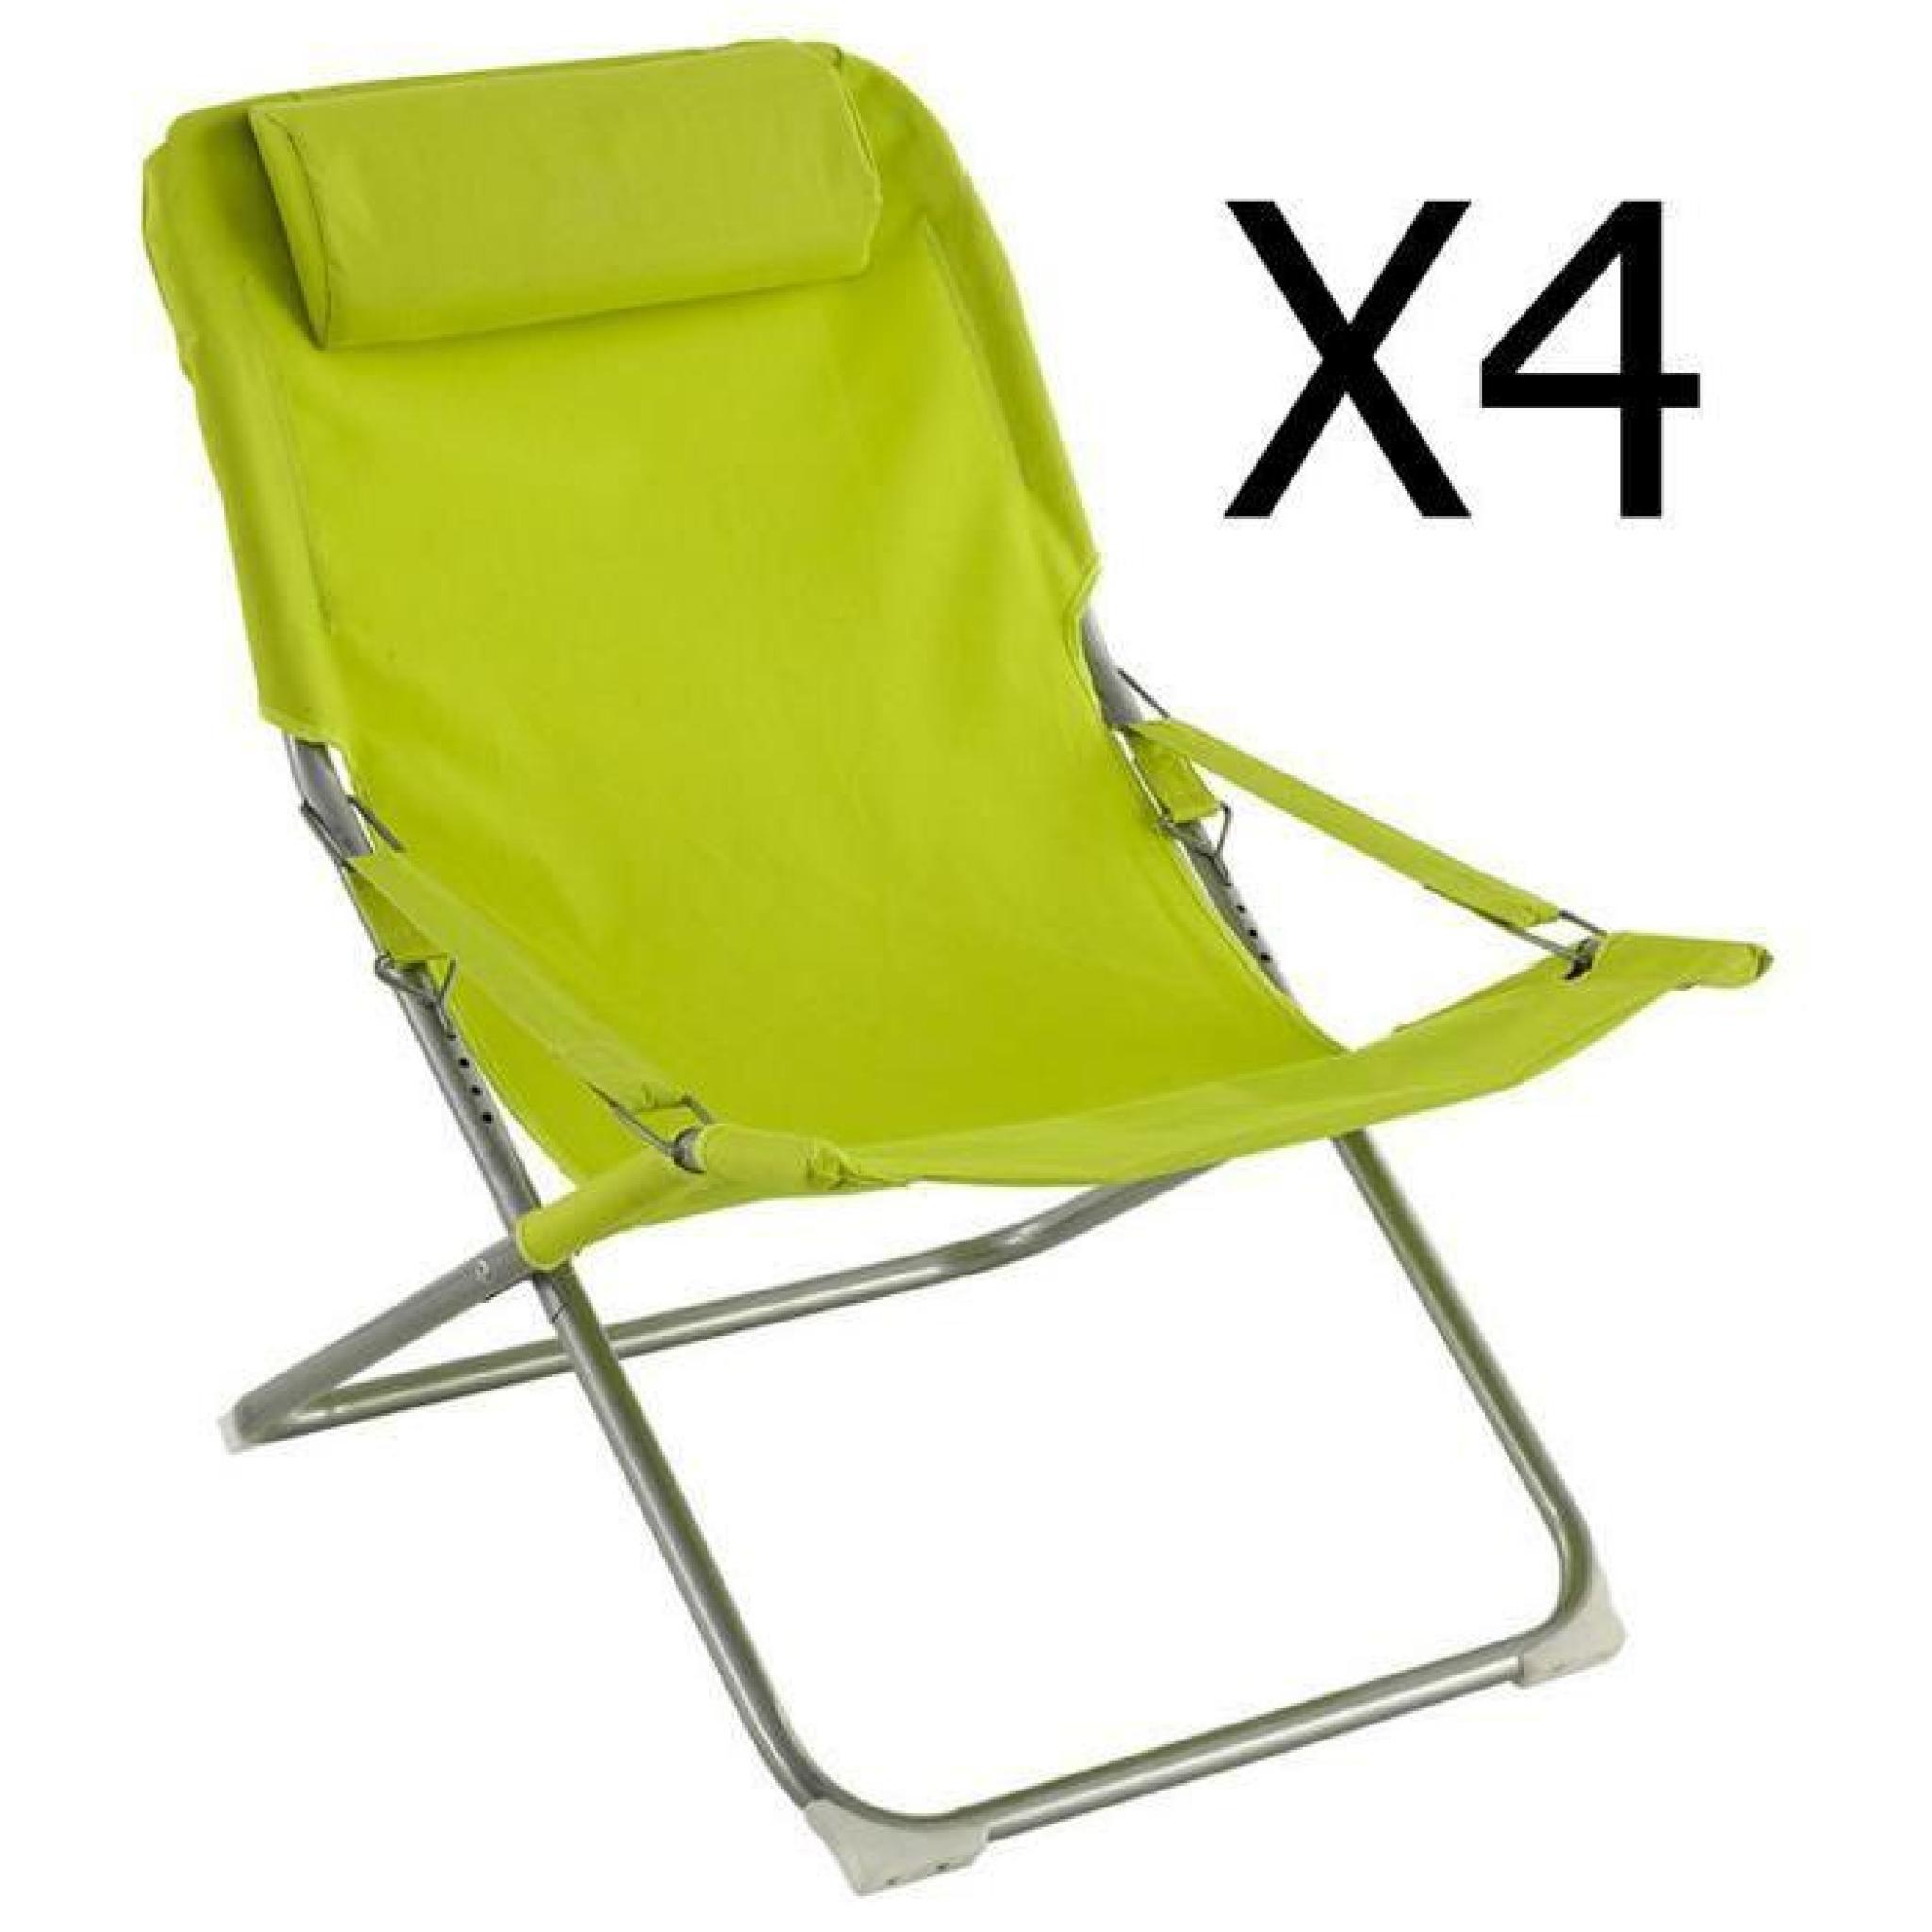 Lot de 4 fauteuils relax coloris granny dim x x cm achat - Relax de jardin pas cher ...